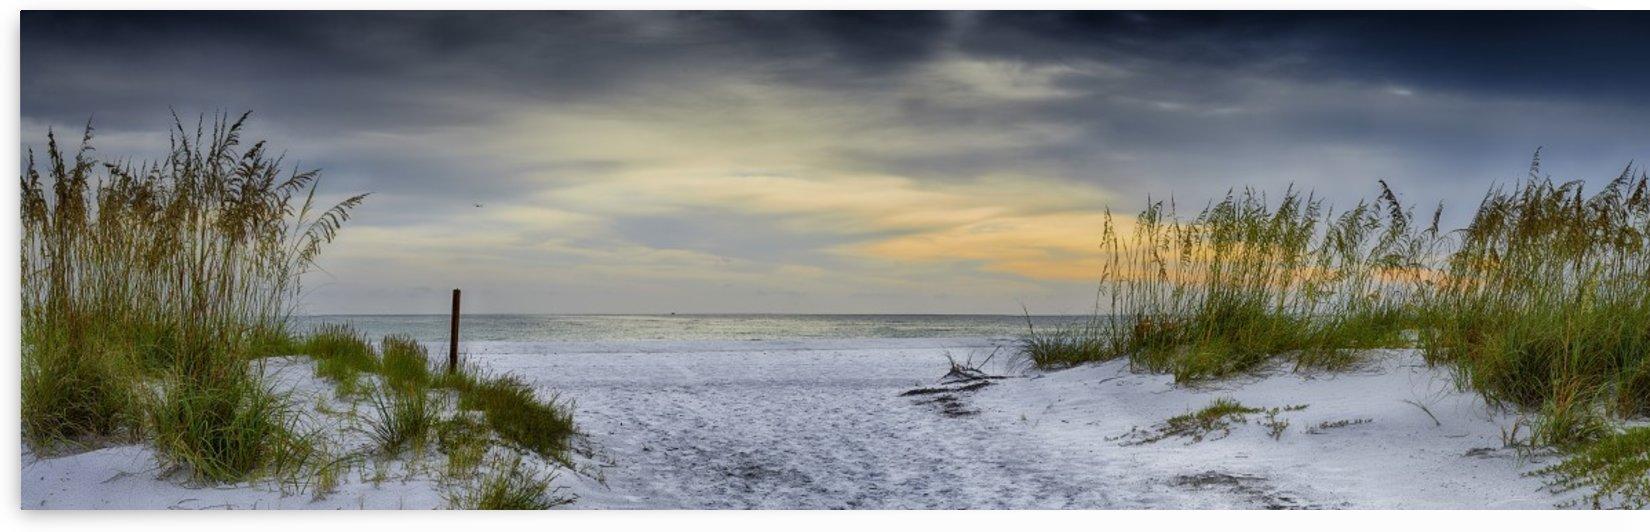 Holmes Beach by Adrian Brockwell